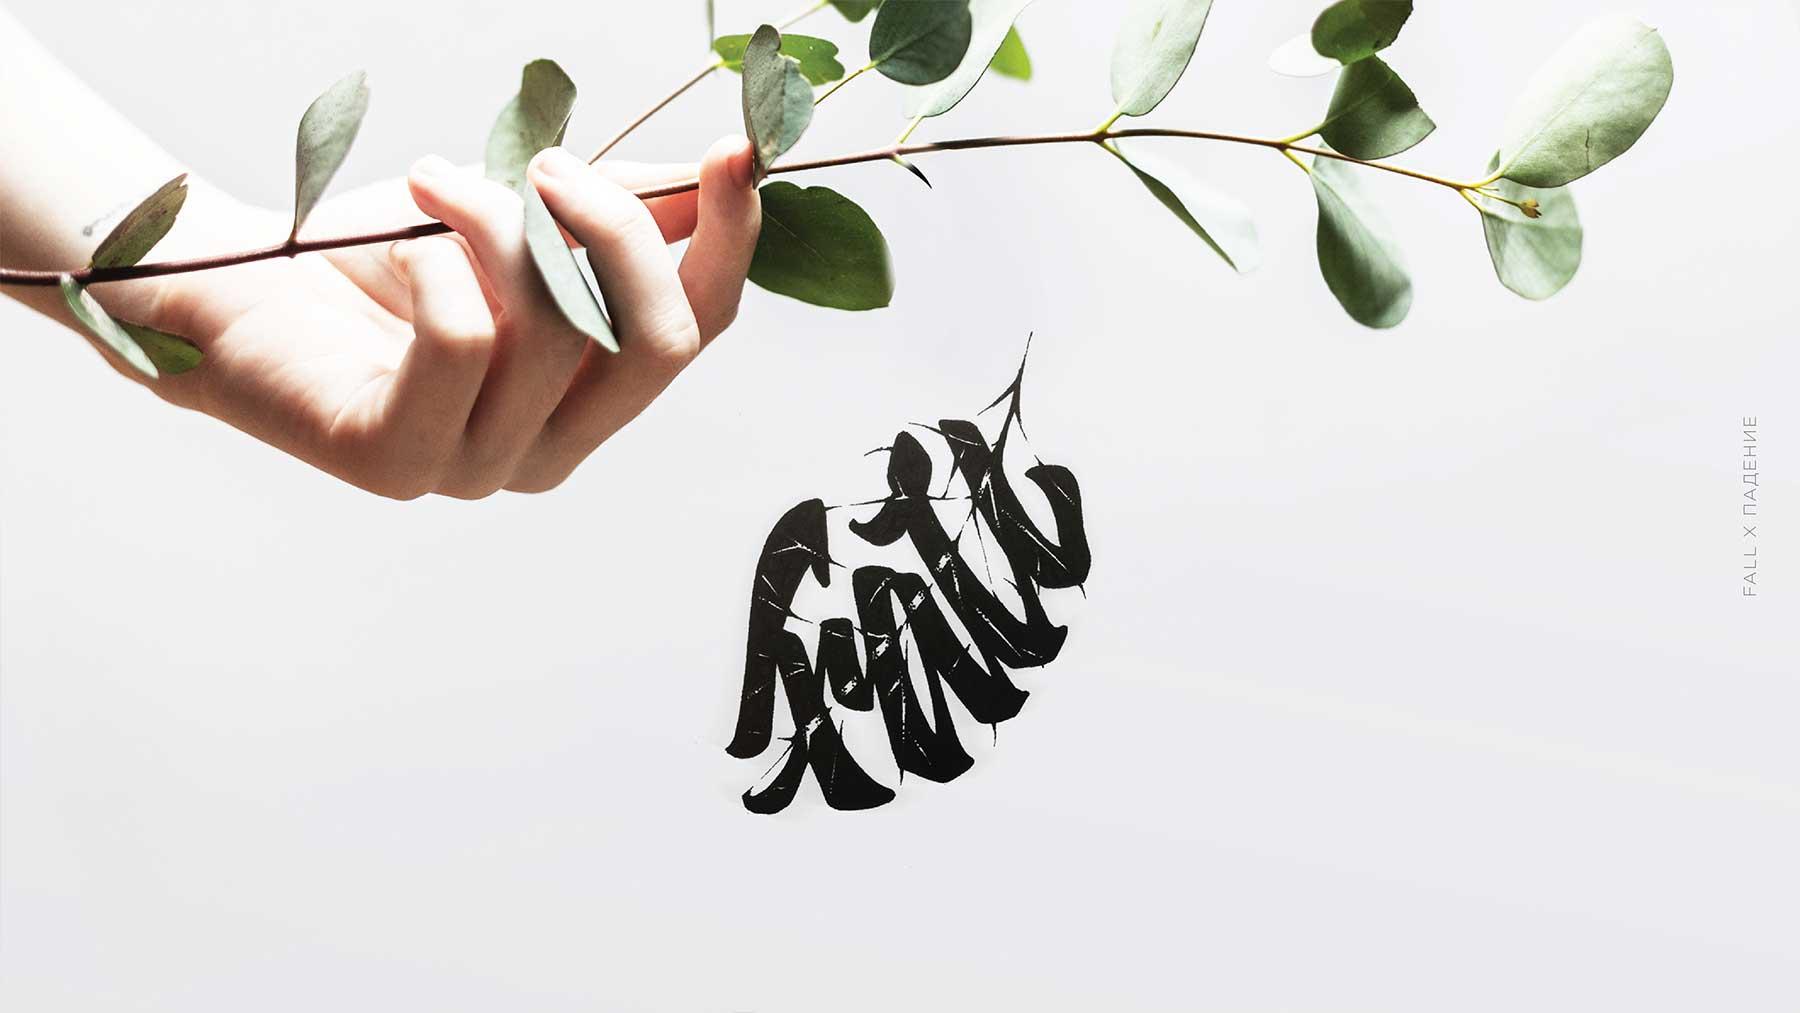 Schöngeschriebenes entsprechend der Wortbedeutung Dima-AbraKadabra-calligraphy-meaning_08